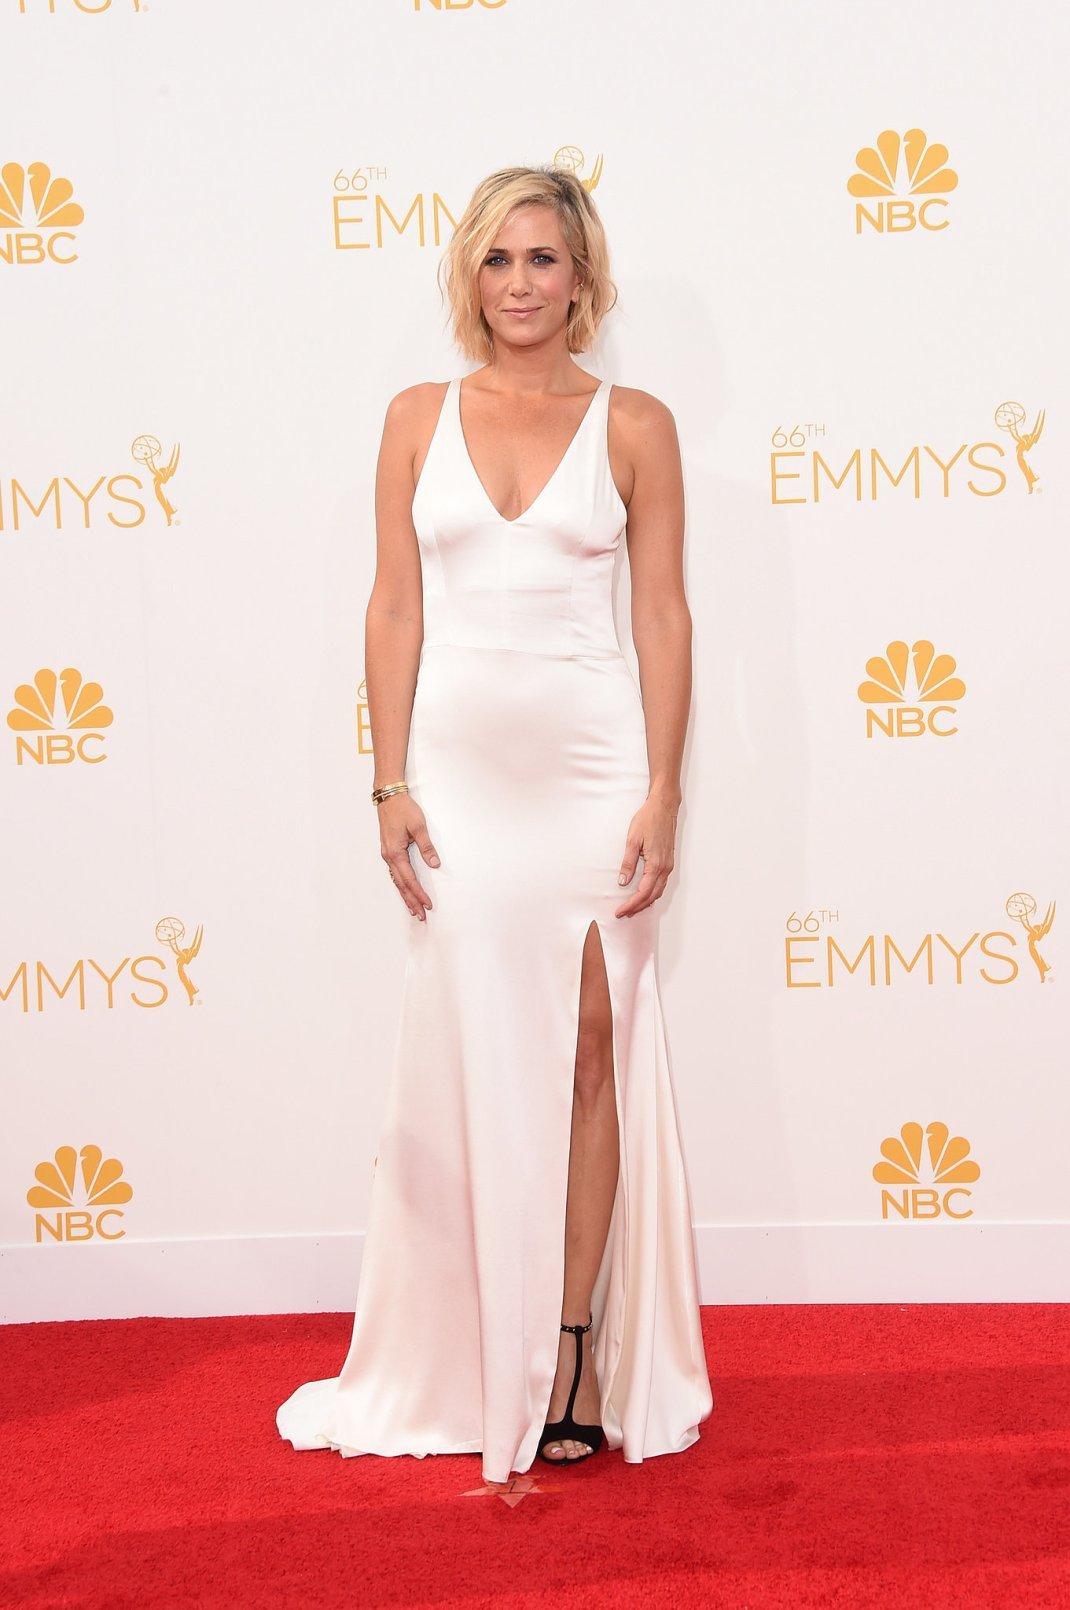 Kristen-Wiig-Vera-Wang-2014-Emmy-Awards